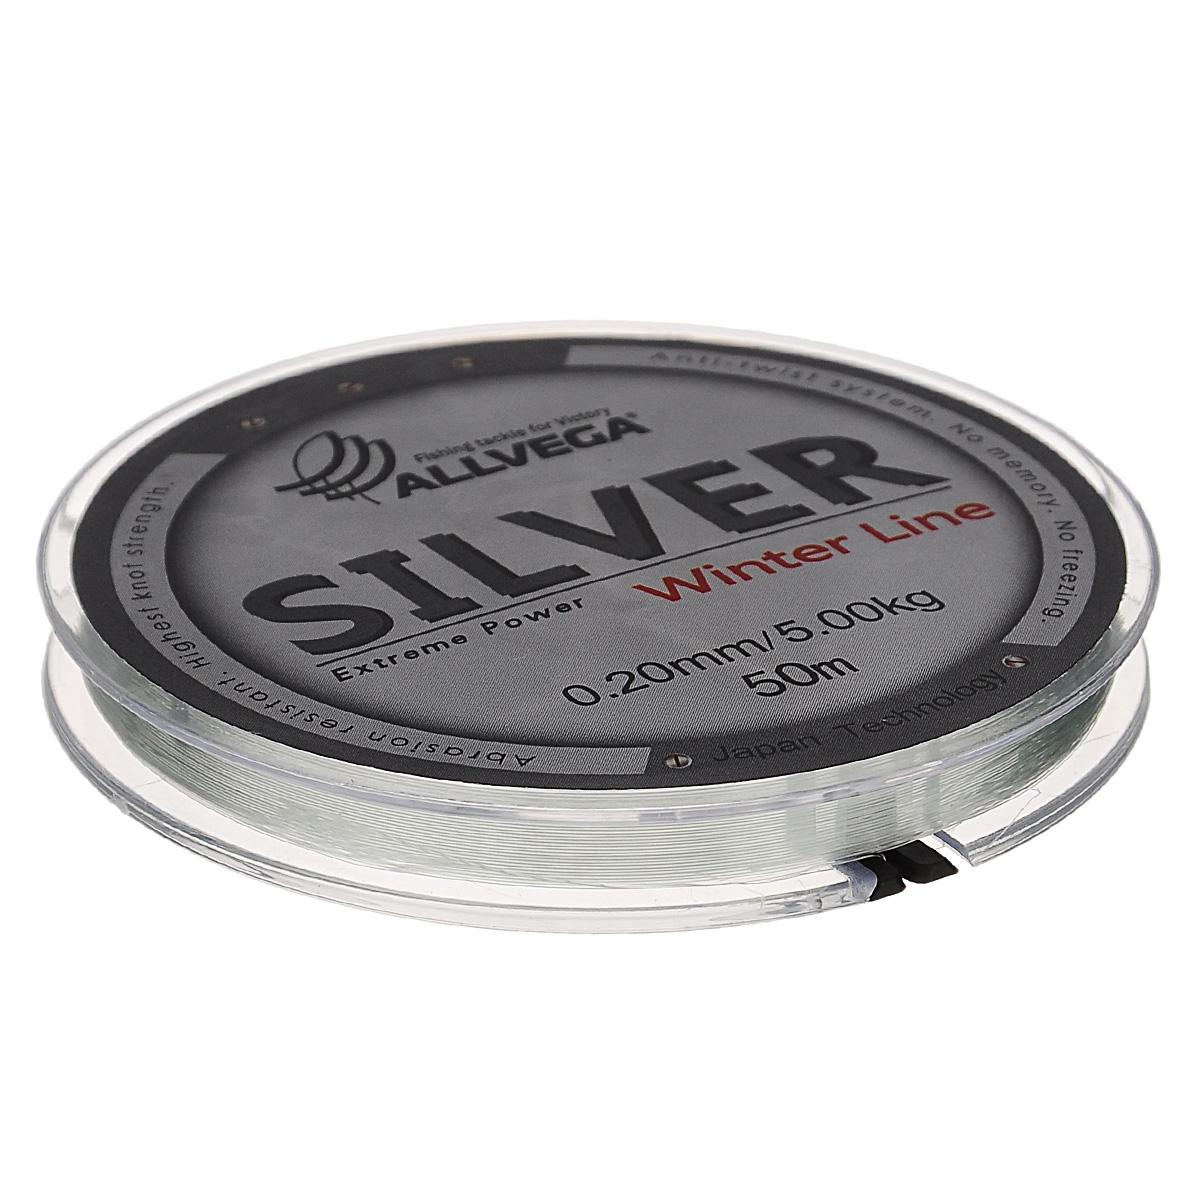 Леска Allvega Silver, цвет: серебристый, 50 м, 0,2 мм, 5 кг51531Специальная зимняя леска Allvega Silver предназначена для использования во время низких температур. Имеет светло-серый, серебристый оттенок. Высокопрочная. Отсутствие механической памяти позволяет с успехом использовать ее для ловли на мормышку.